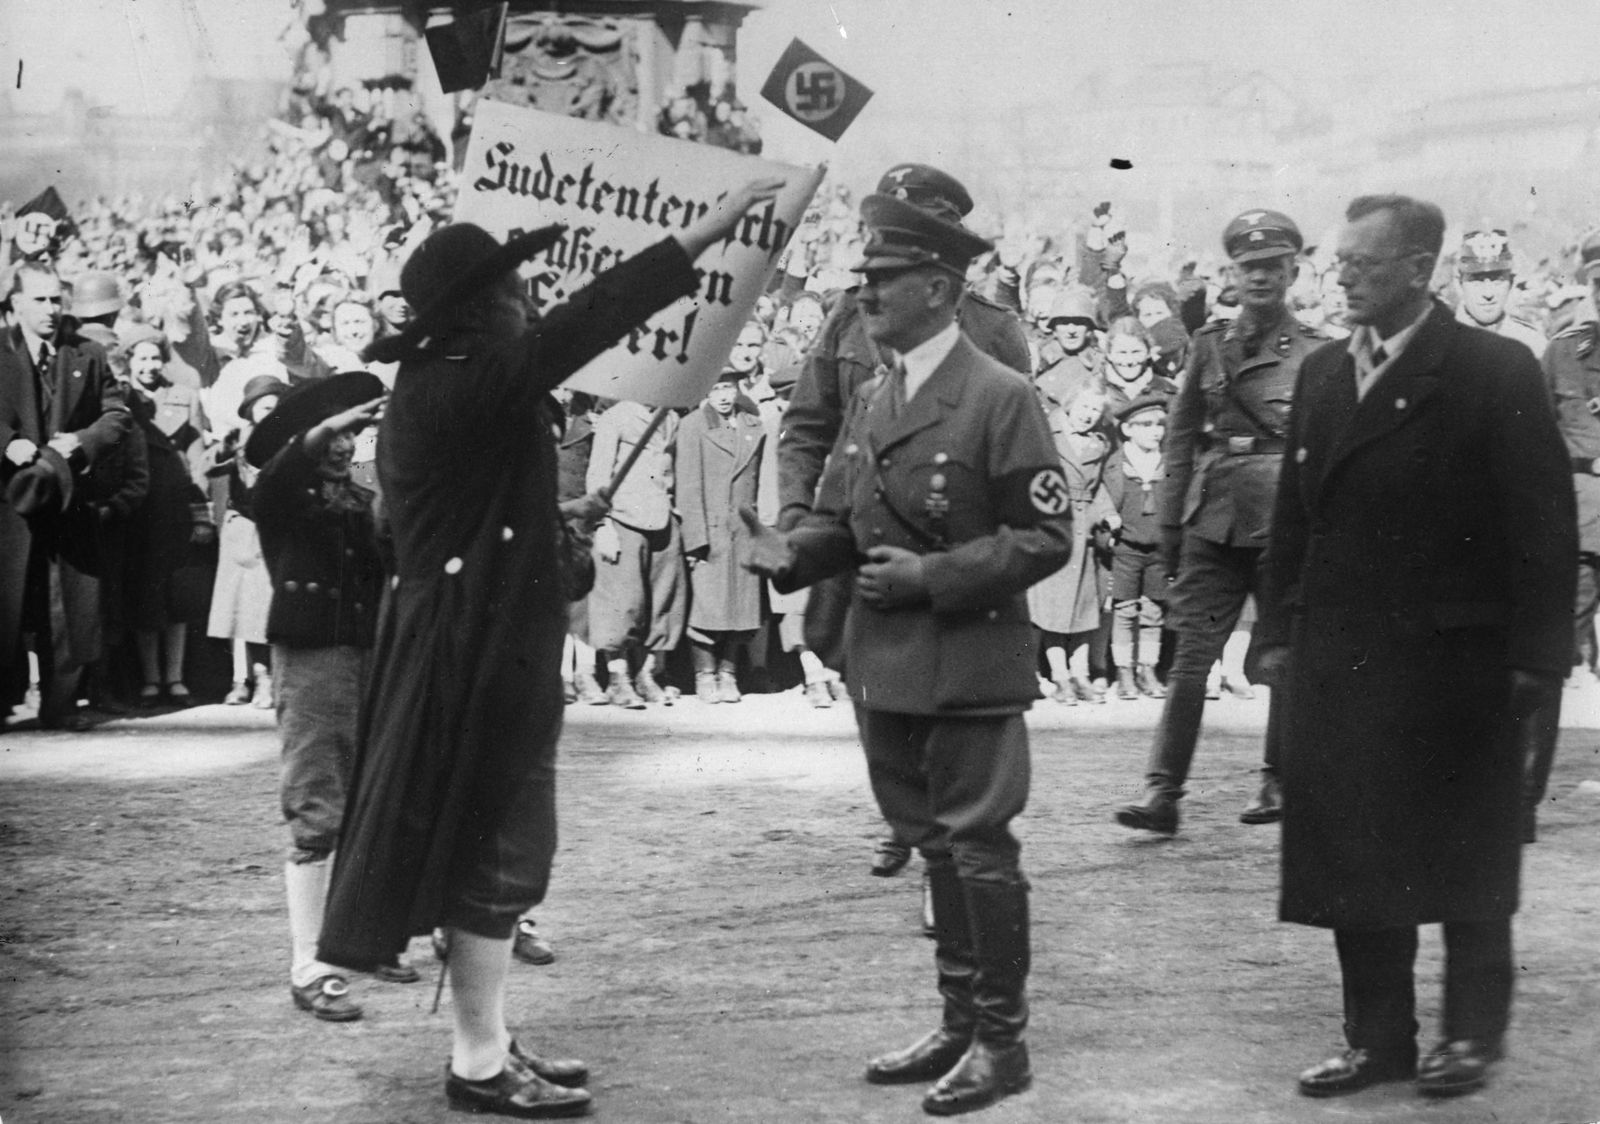 Sudetenkrise/